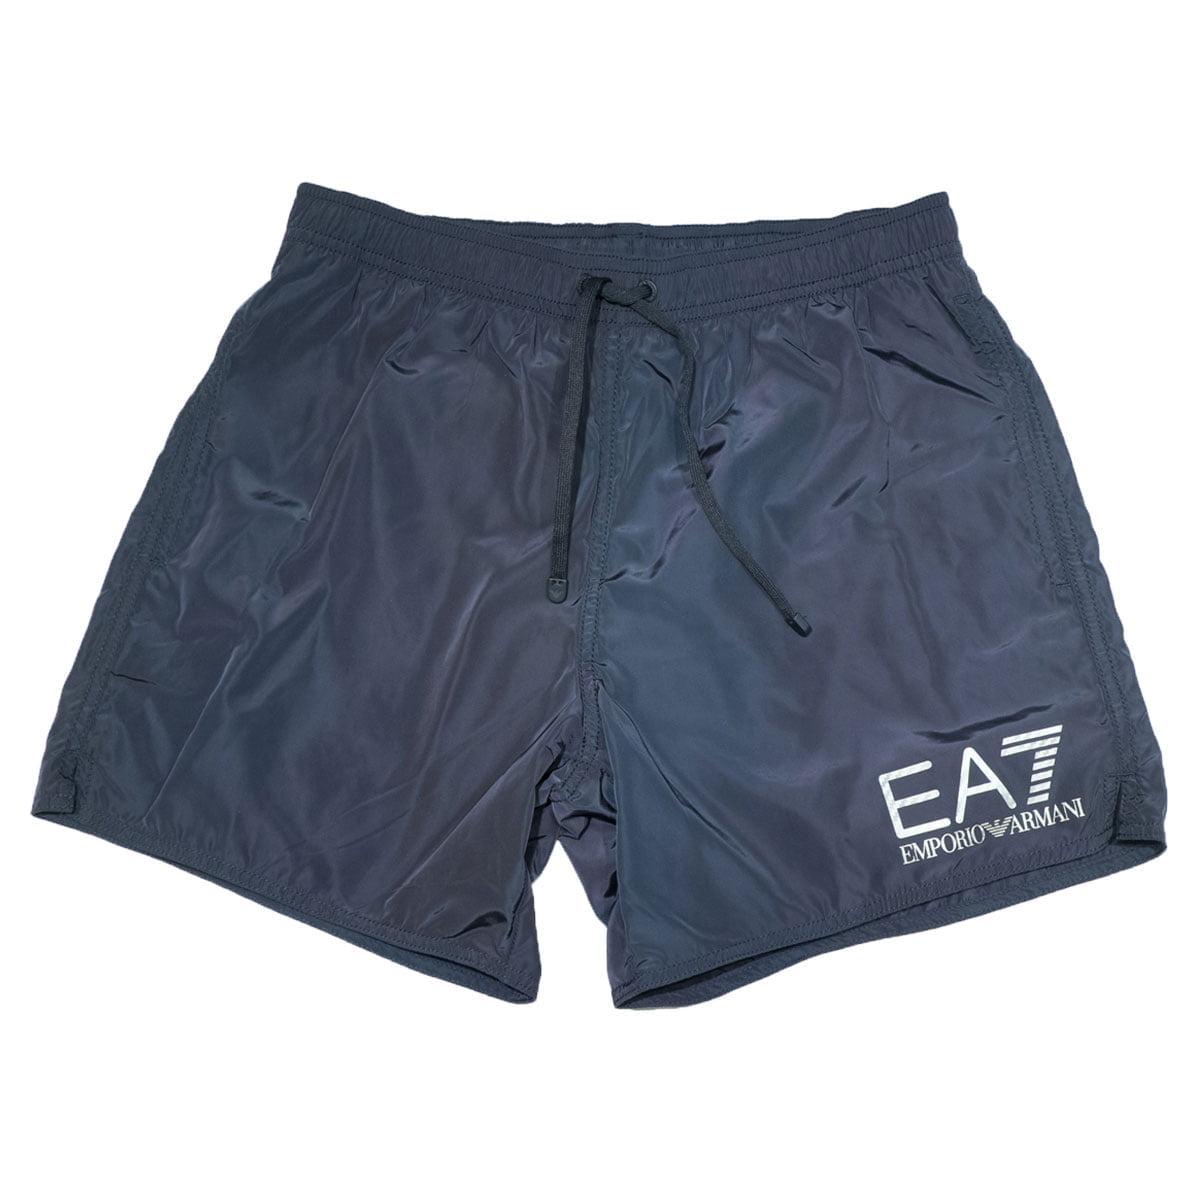 hot sale online 02676 8bc8d Costume EA7 corto dark blu - Emporio Armani